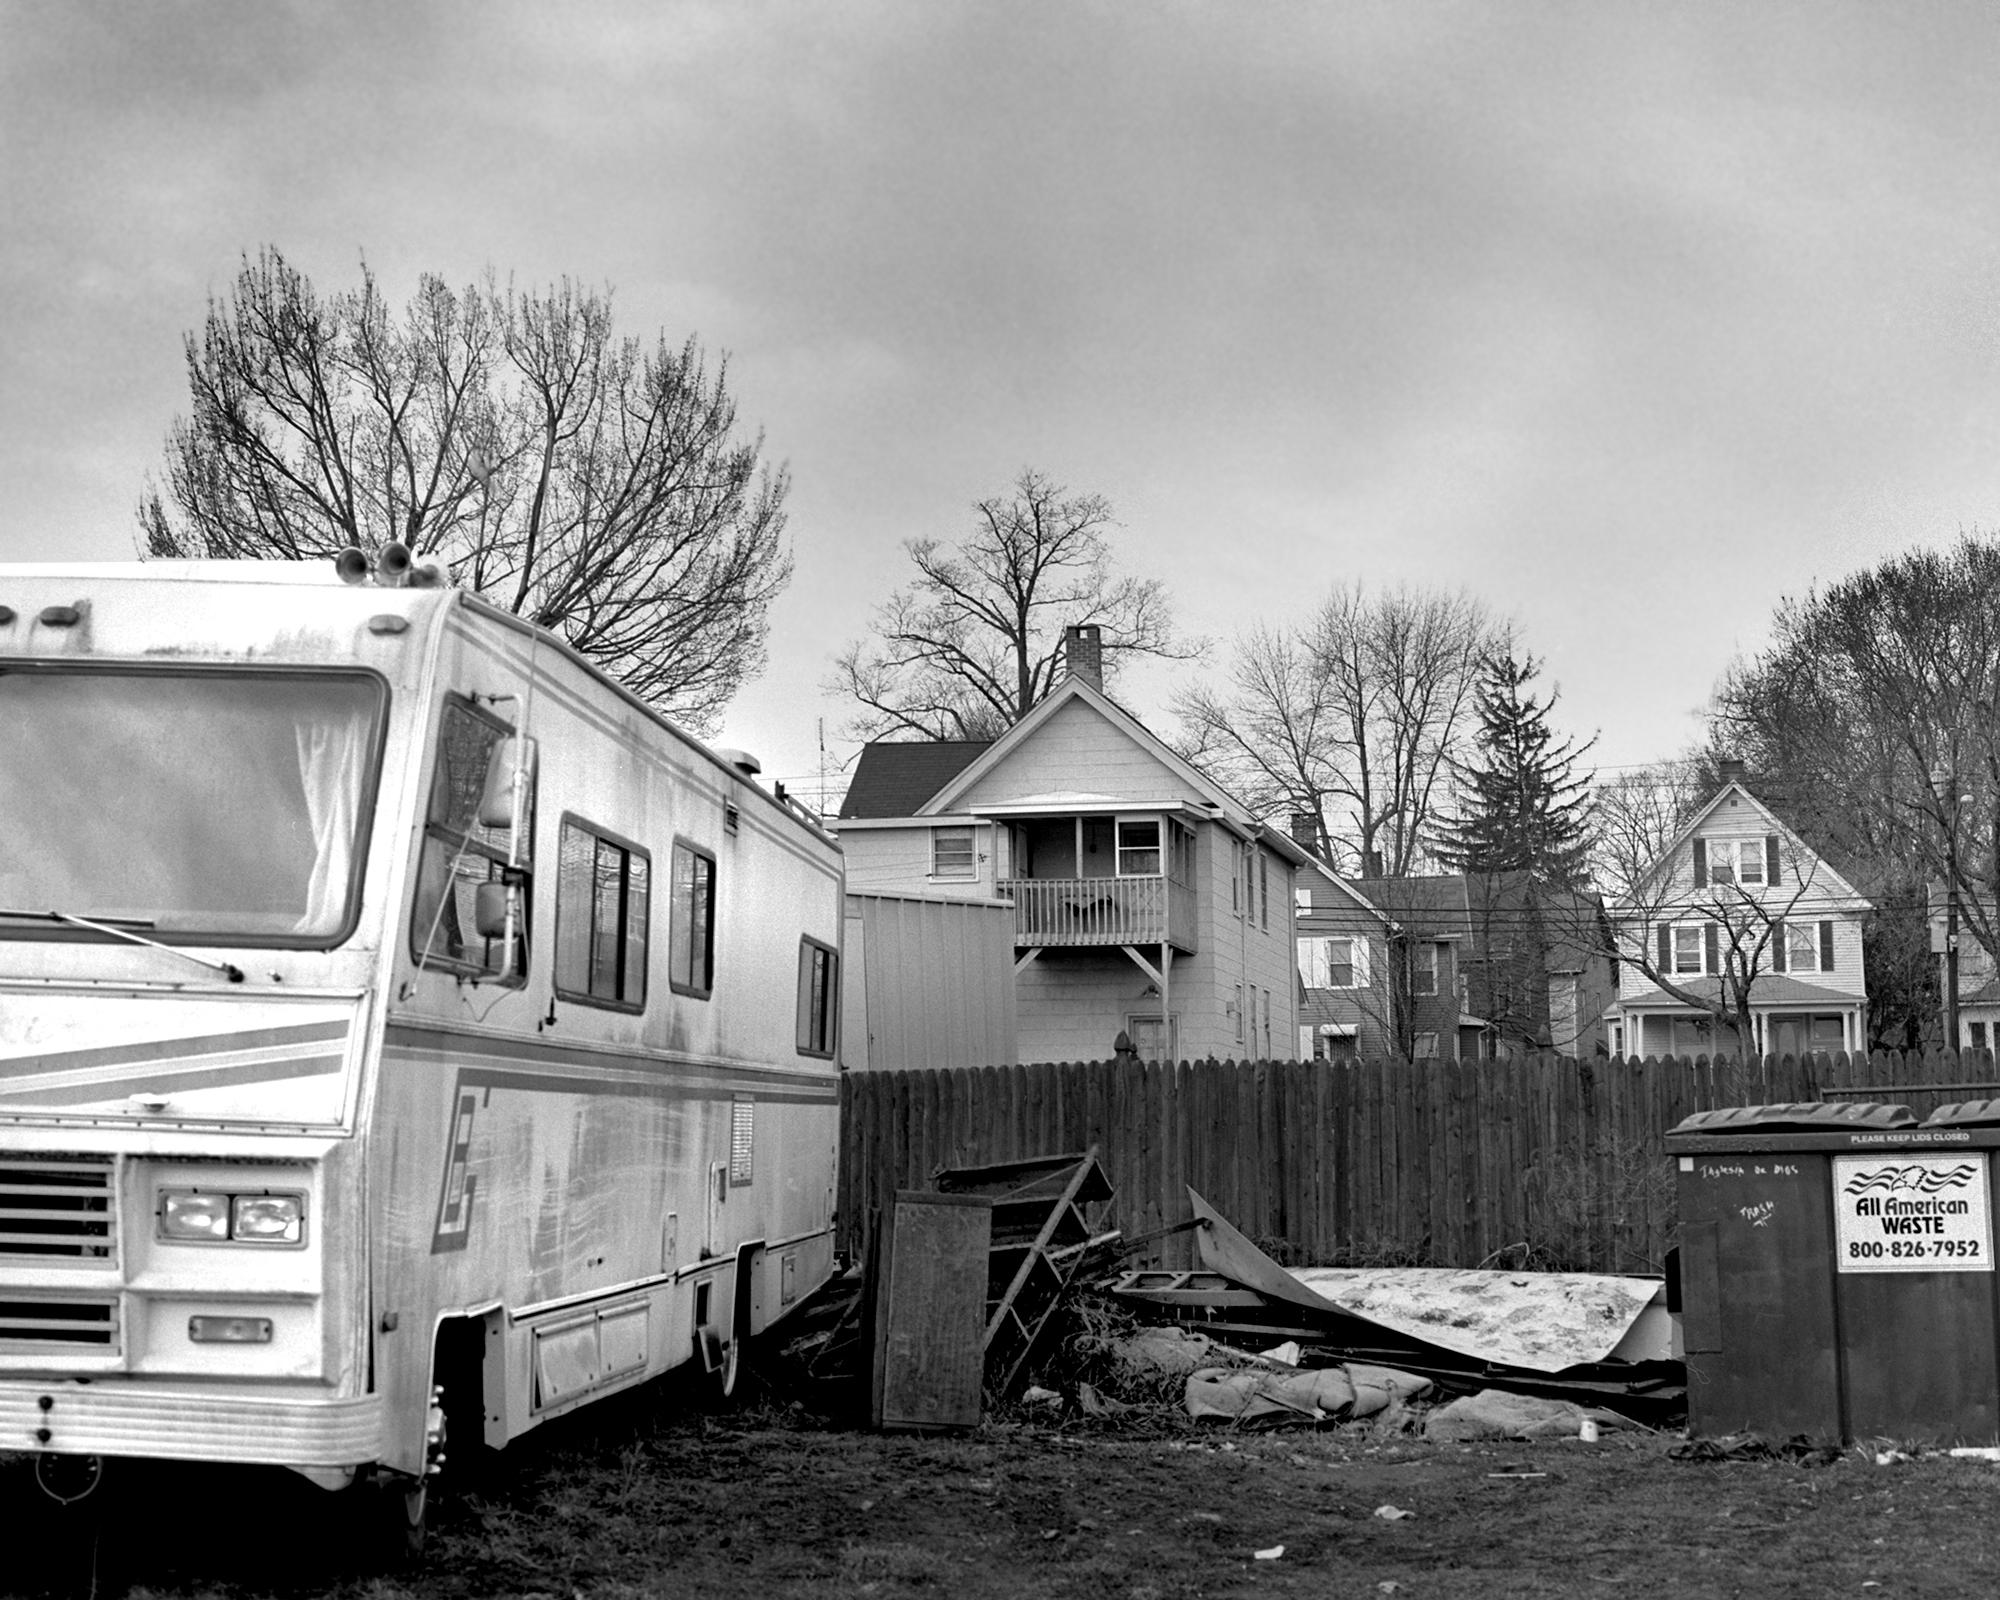 West Haven, CT—2008